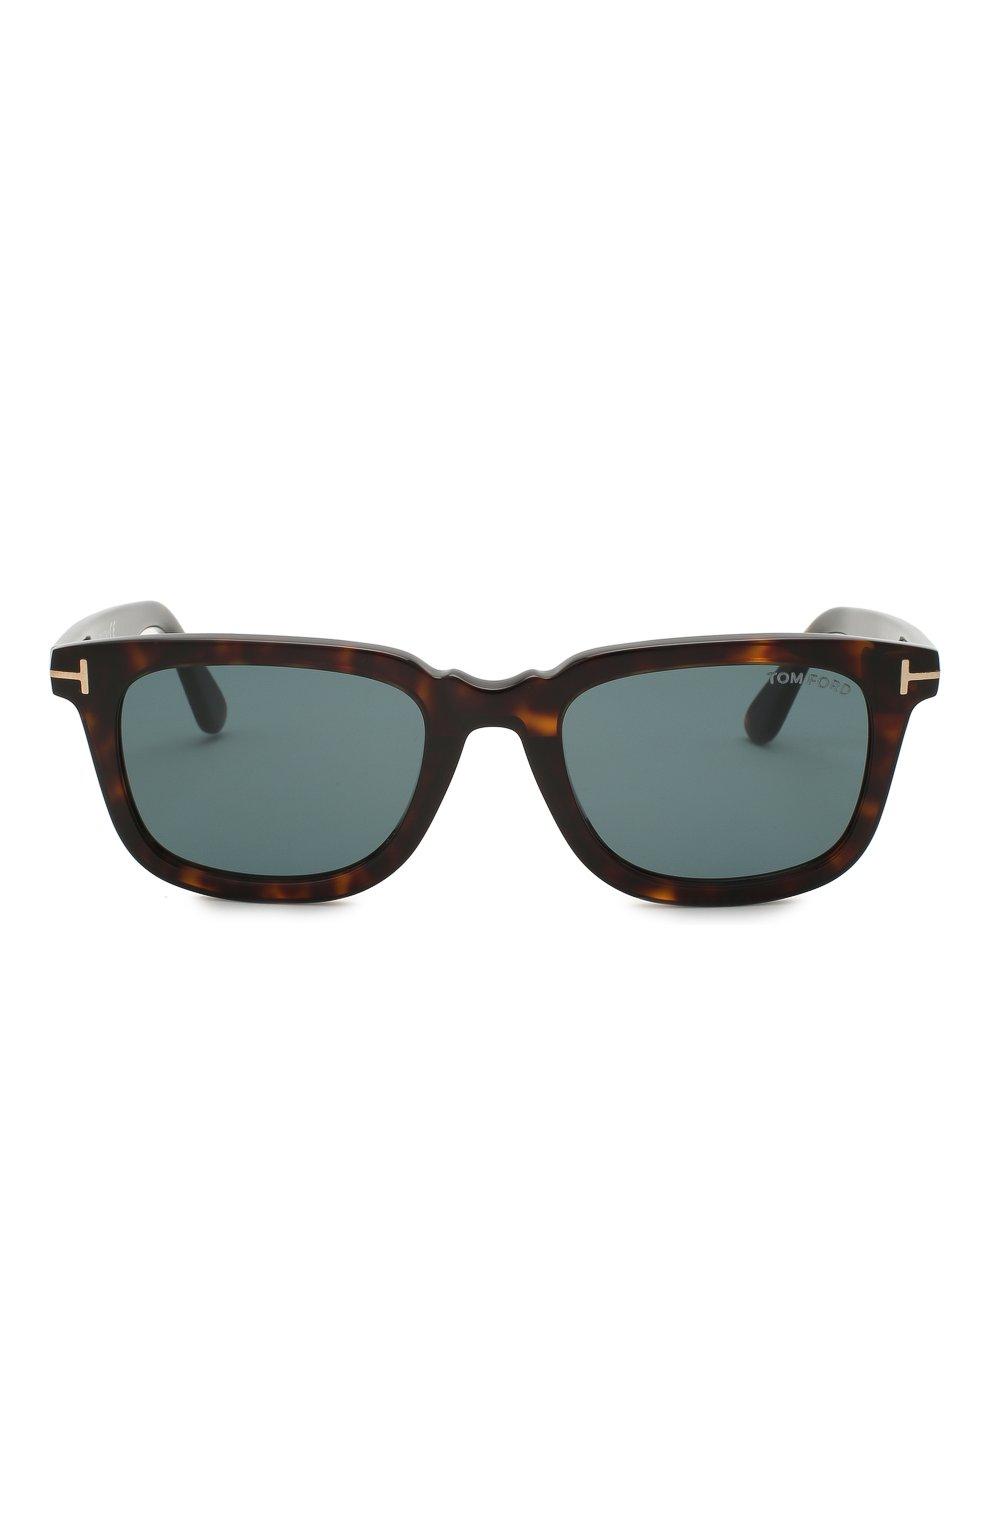 Мужские солнцезащитные очки TOM FORD коричневого цвета, арт. TF817 52V 53 | Фото 3